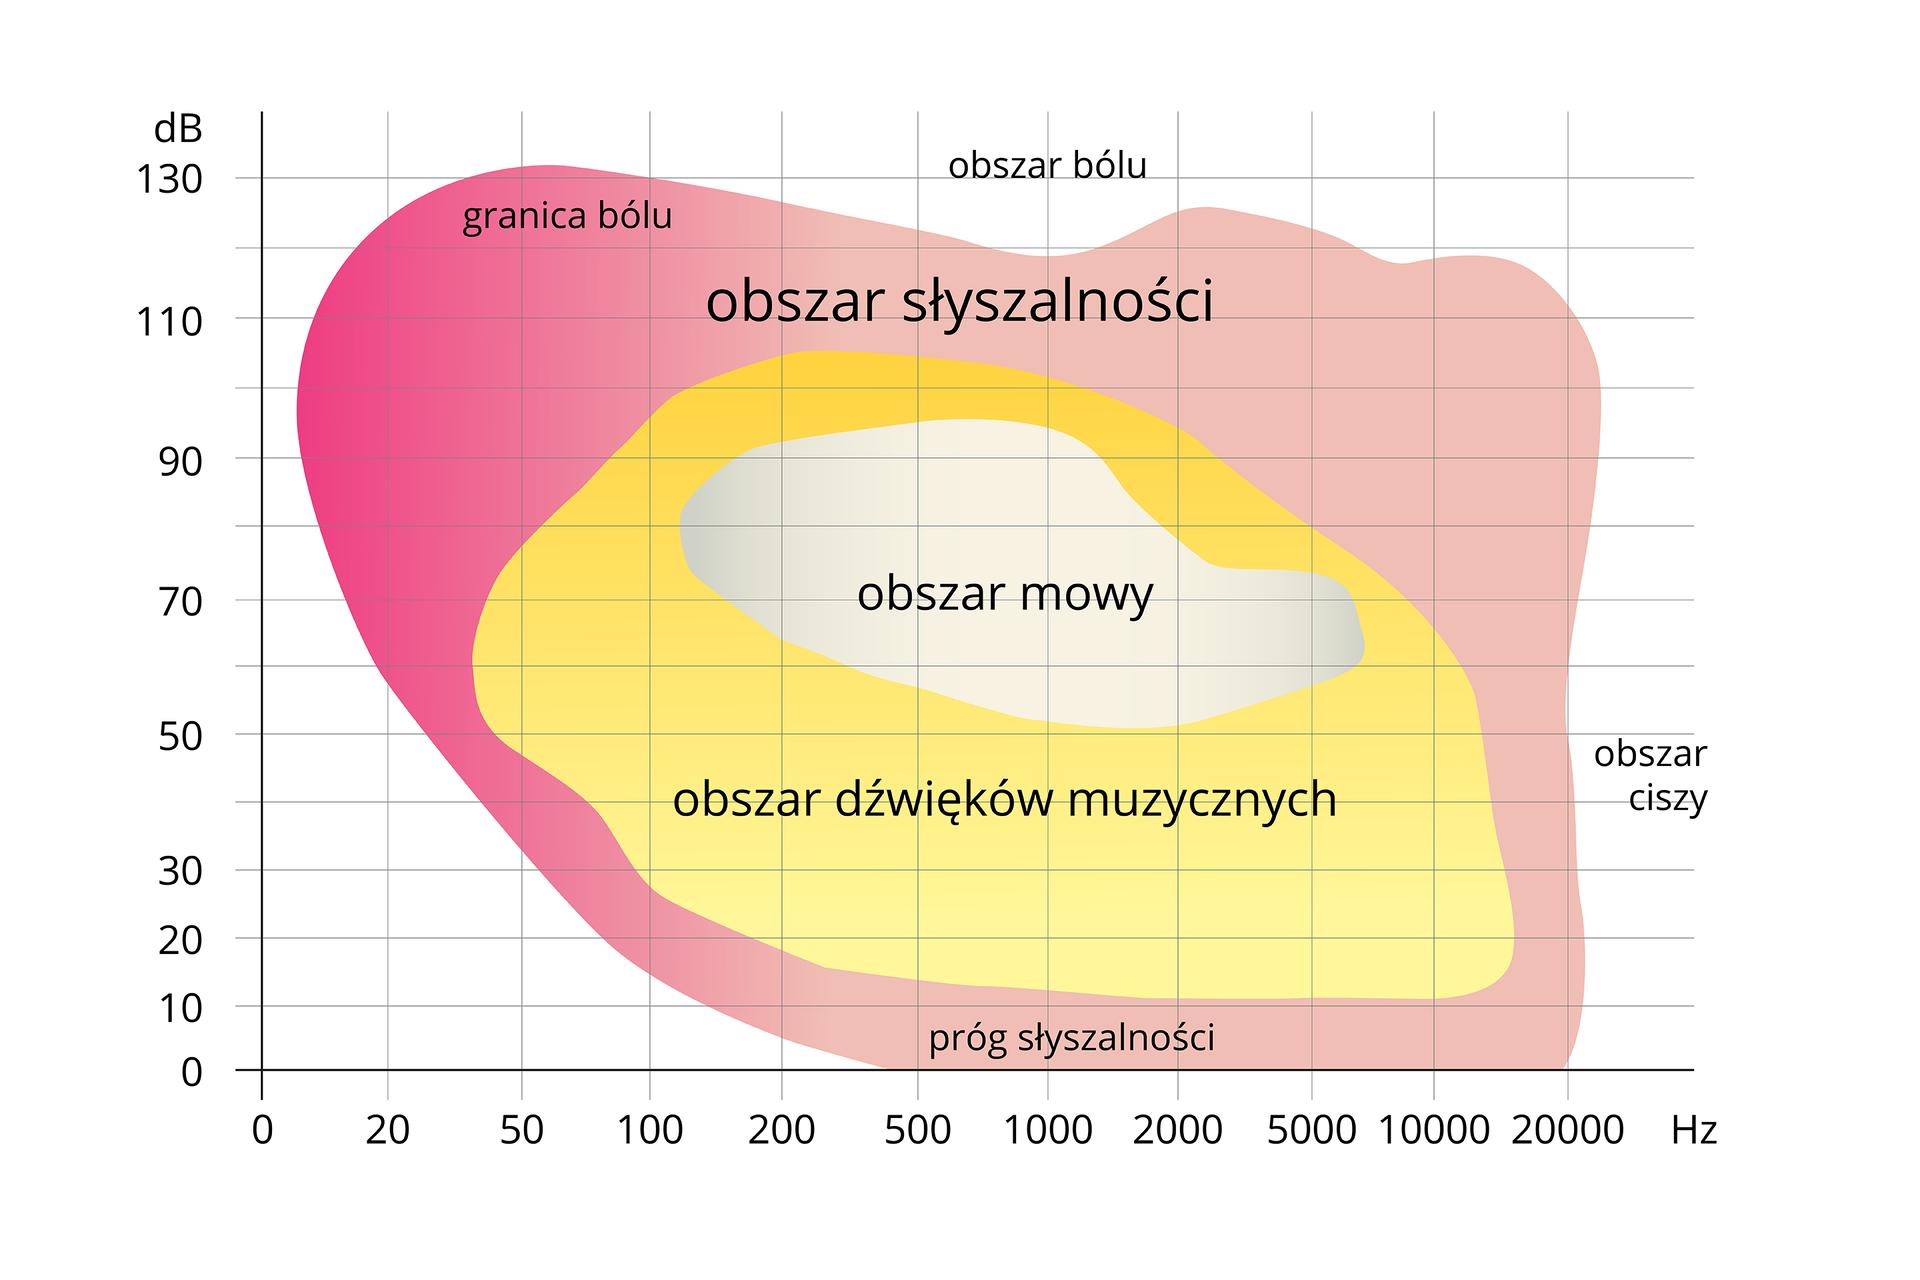 Wykres przedstawia wrażliwość ucha na dźwięki. Na osi Xczęstotliwość dźwięku whercach. Na osi Ypoziom natężenia dźwięku wdecybelach. Udołu podpisany próg słyszalności, ugóry obszar bólu. Zprawej obszar ciszy. Różowy obszary oznacza słyszalność. Mieści się wnim żółty obszar dźwięków muzycznych ibiały obszar mowy. Ugóry zlewej przyciemniona granica bólu.